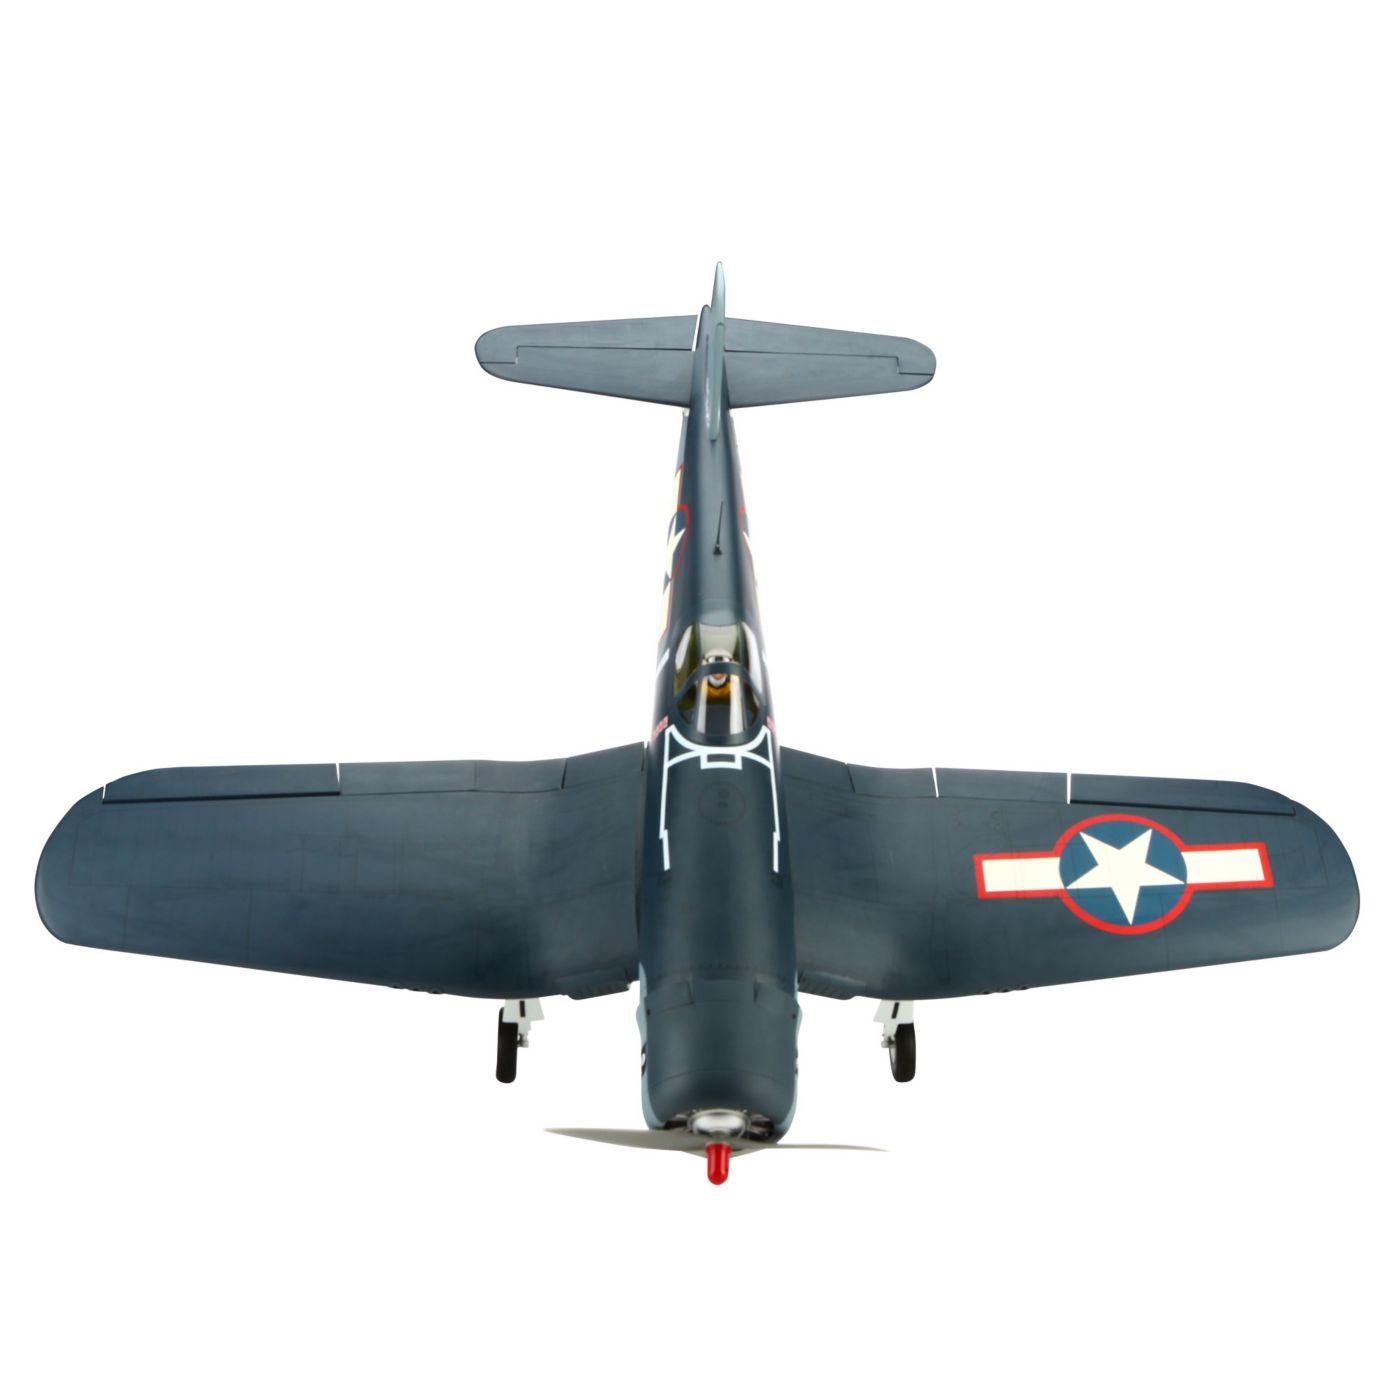 Hangar 9 F4U-1A Corsair 20cc RC Model Airplane ARF   Horizon